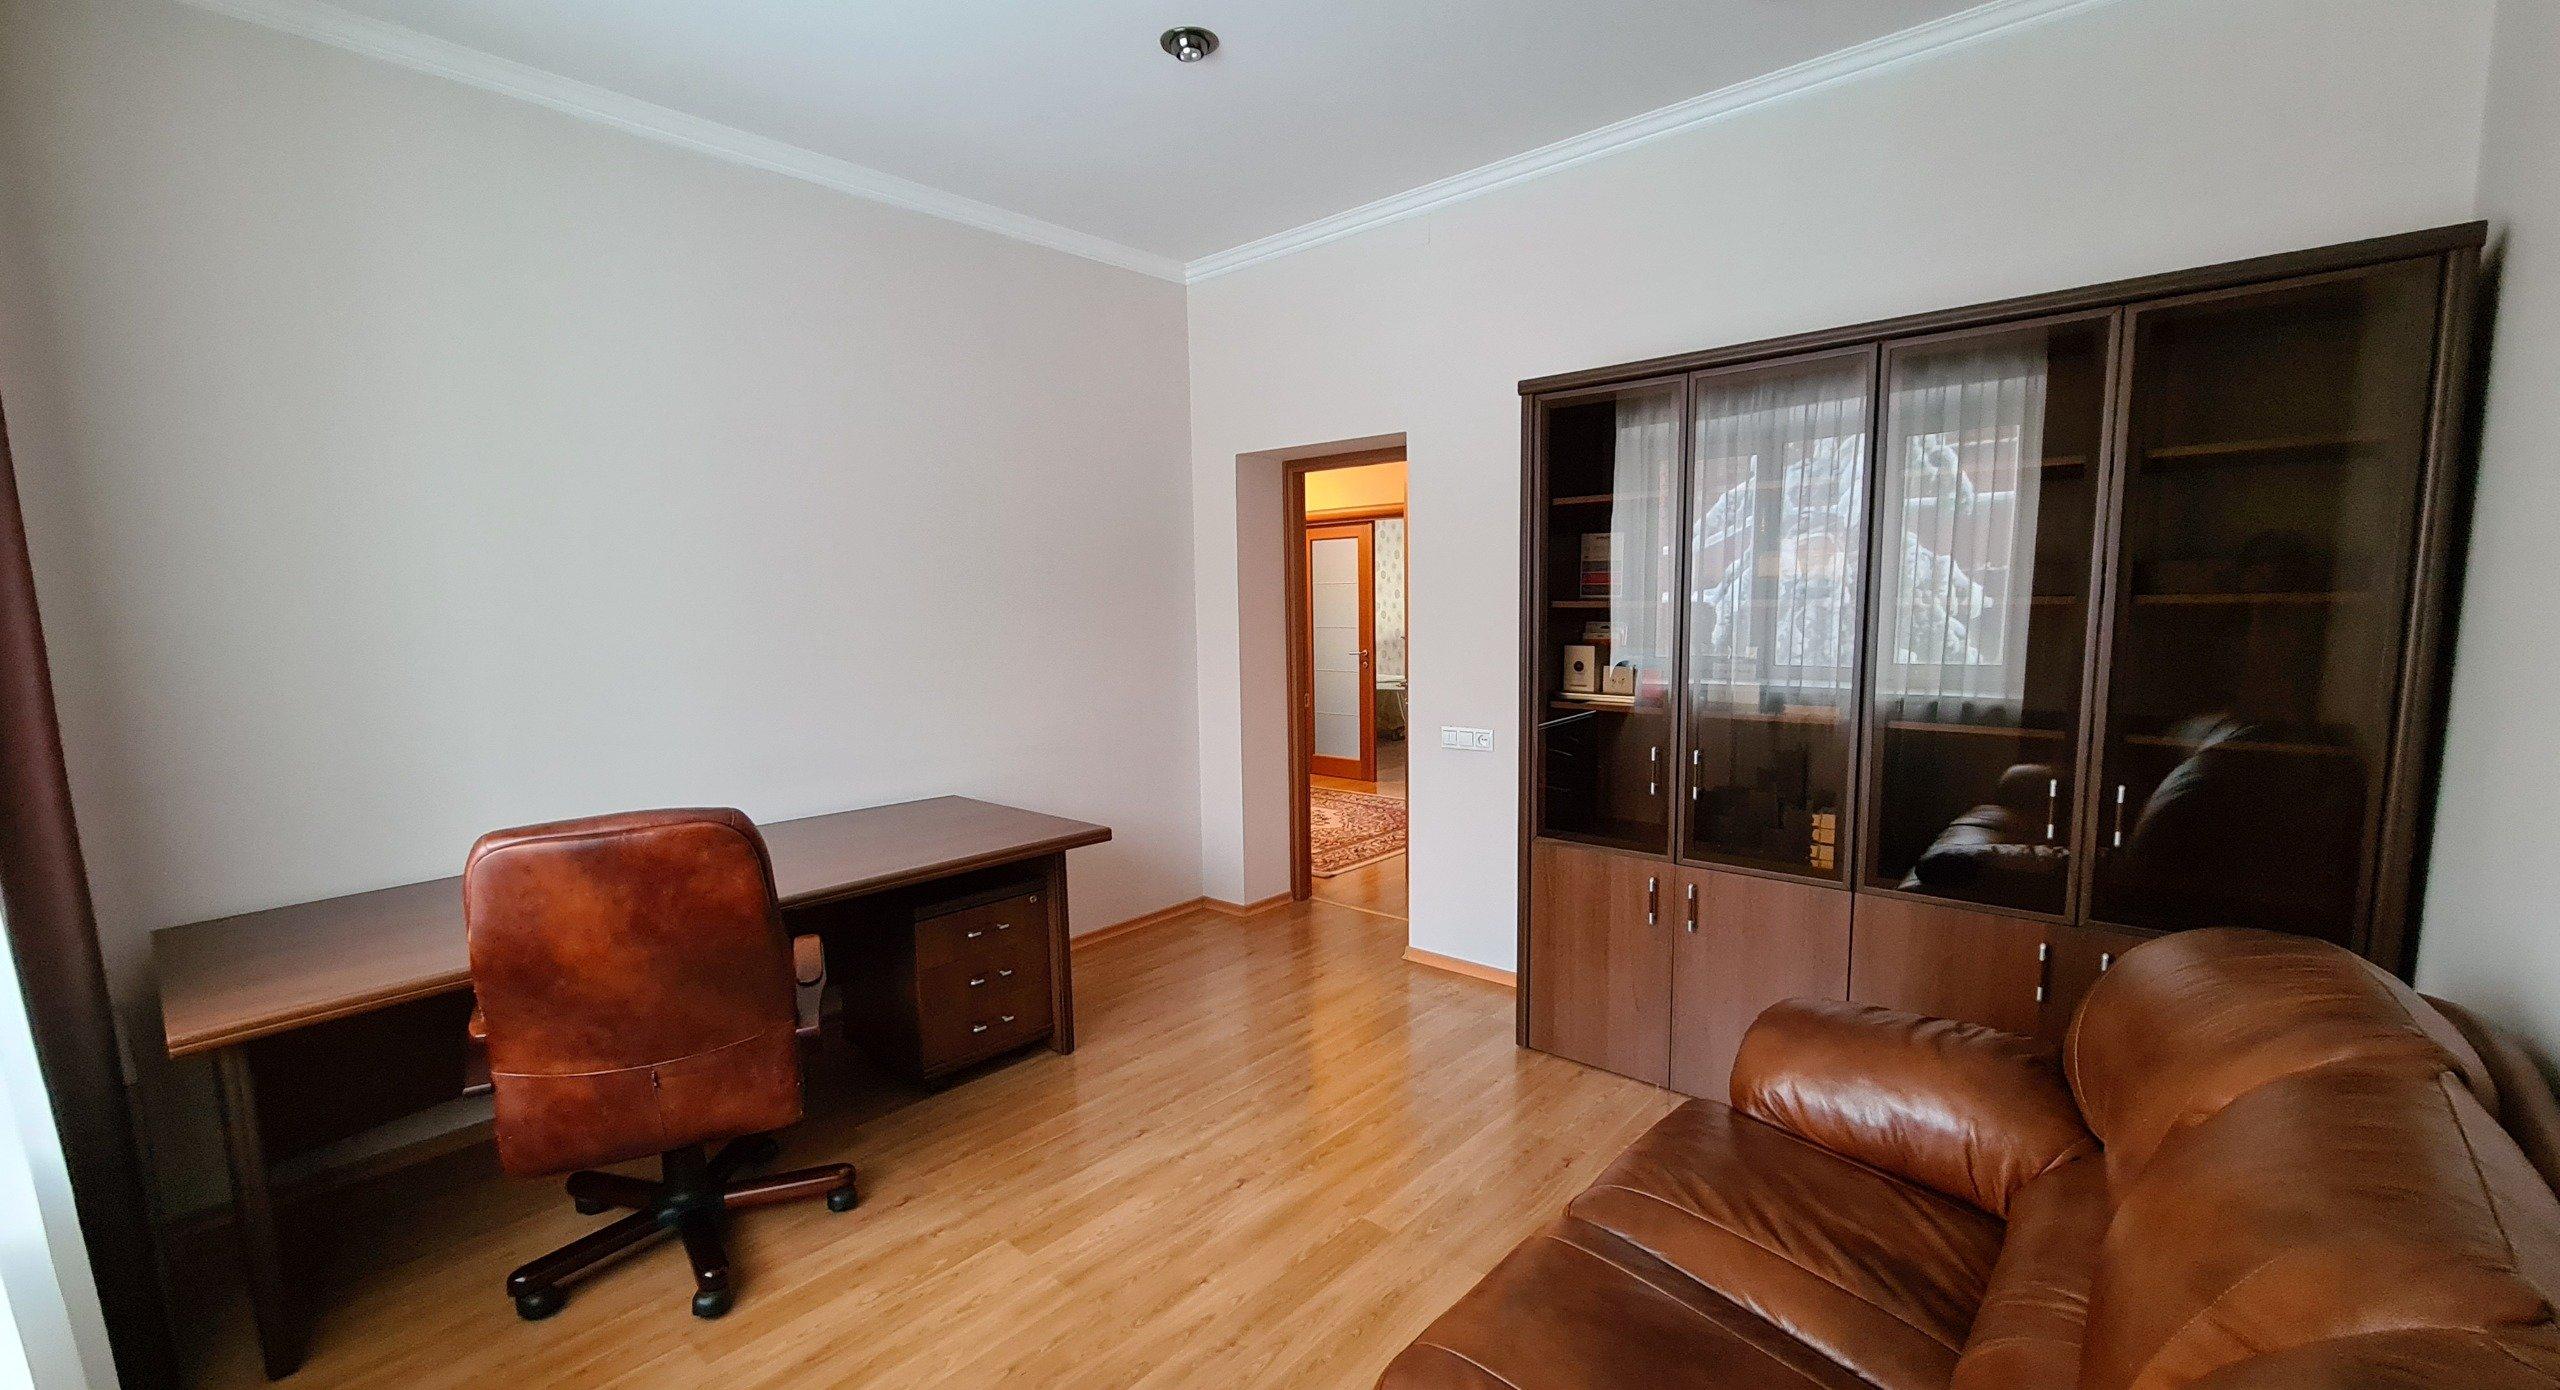 4к квартира ул Елены Стасовой, д 25 | 70000 | аренда в Красноярске фото 3